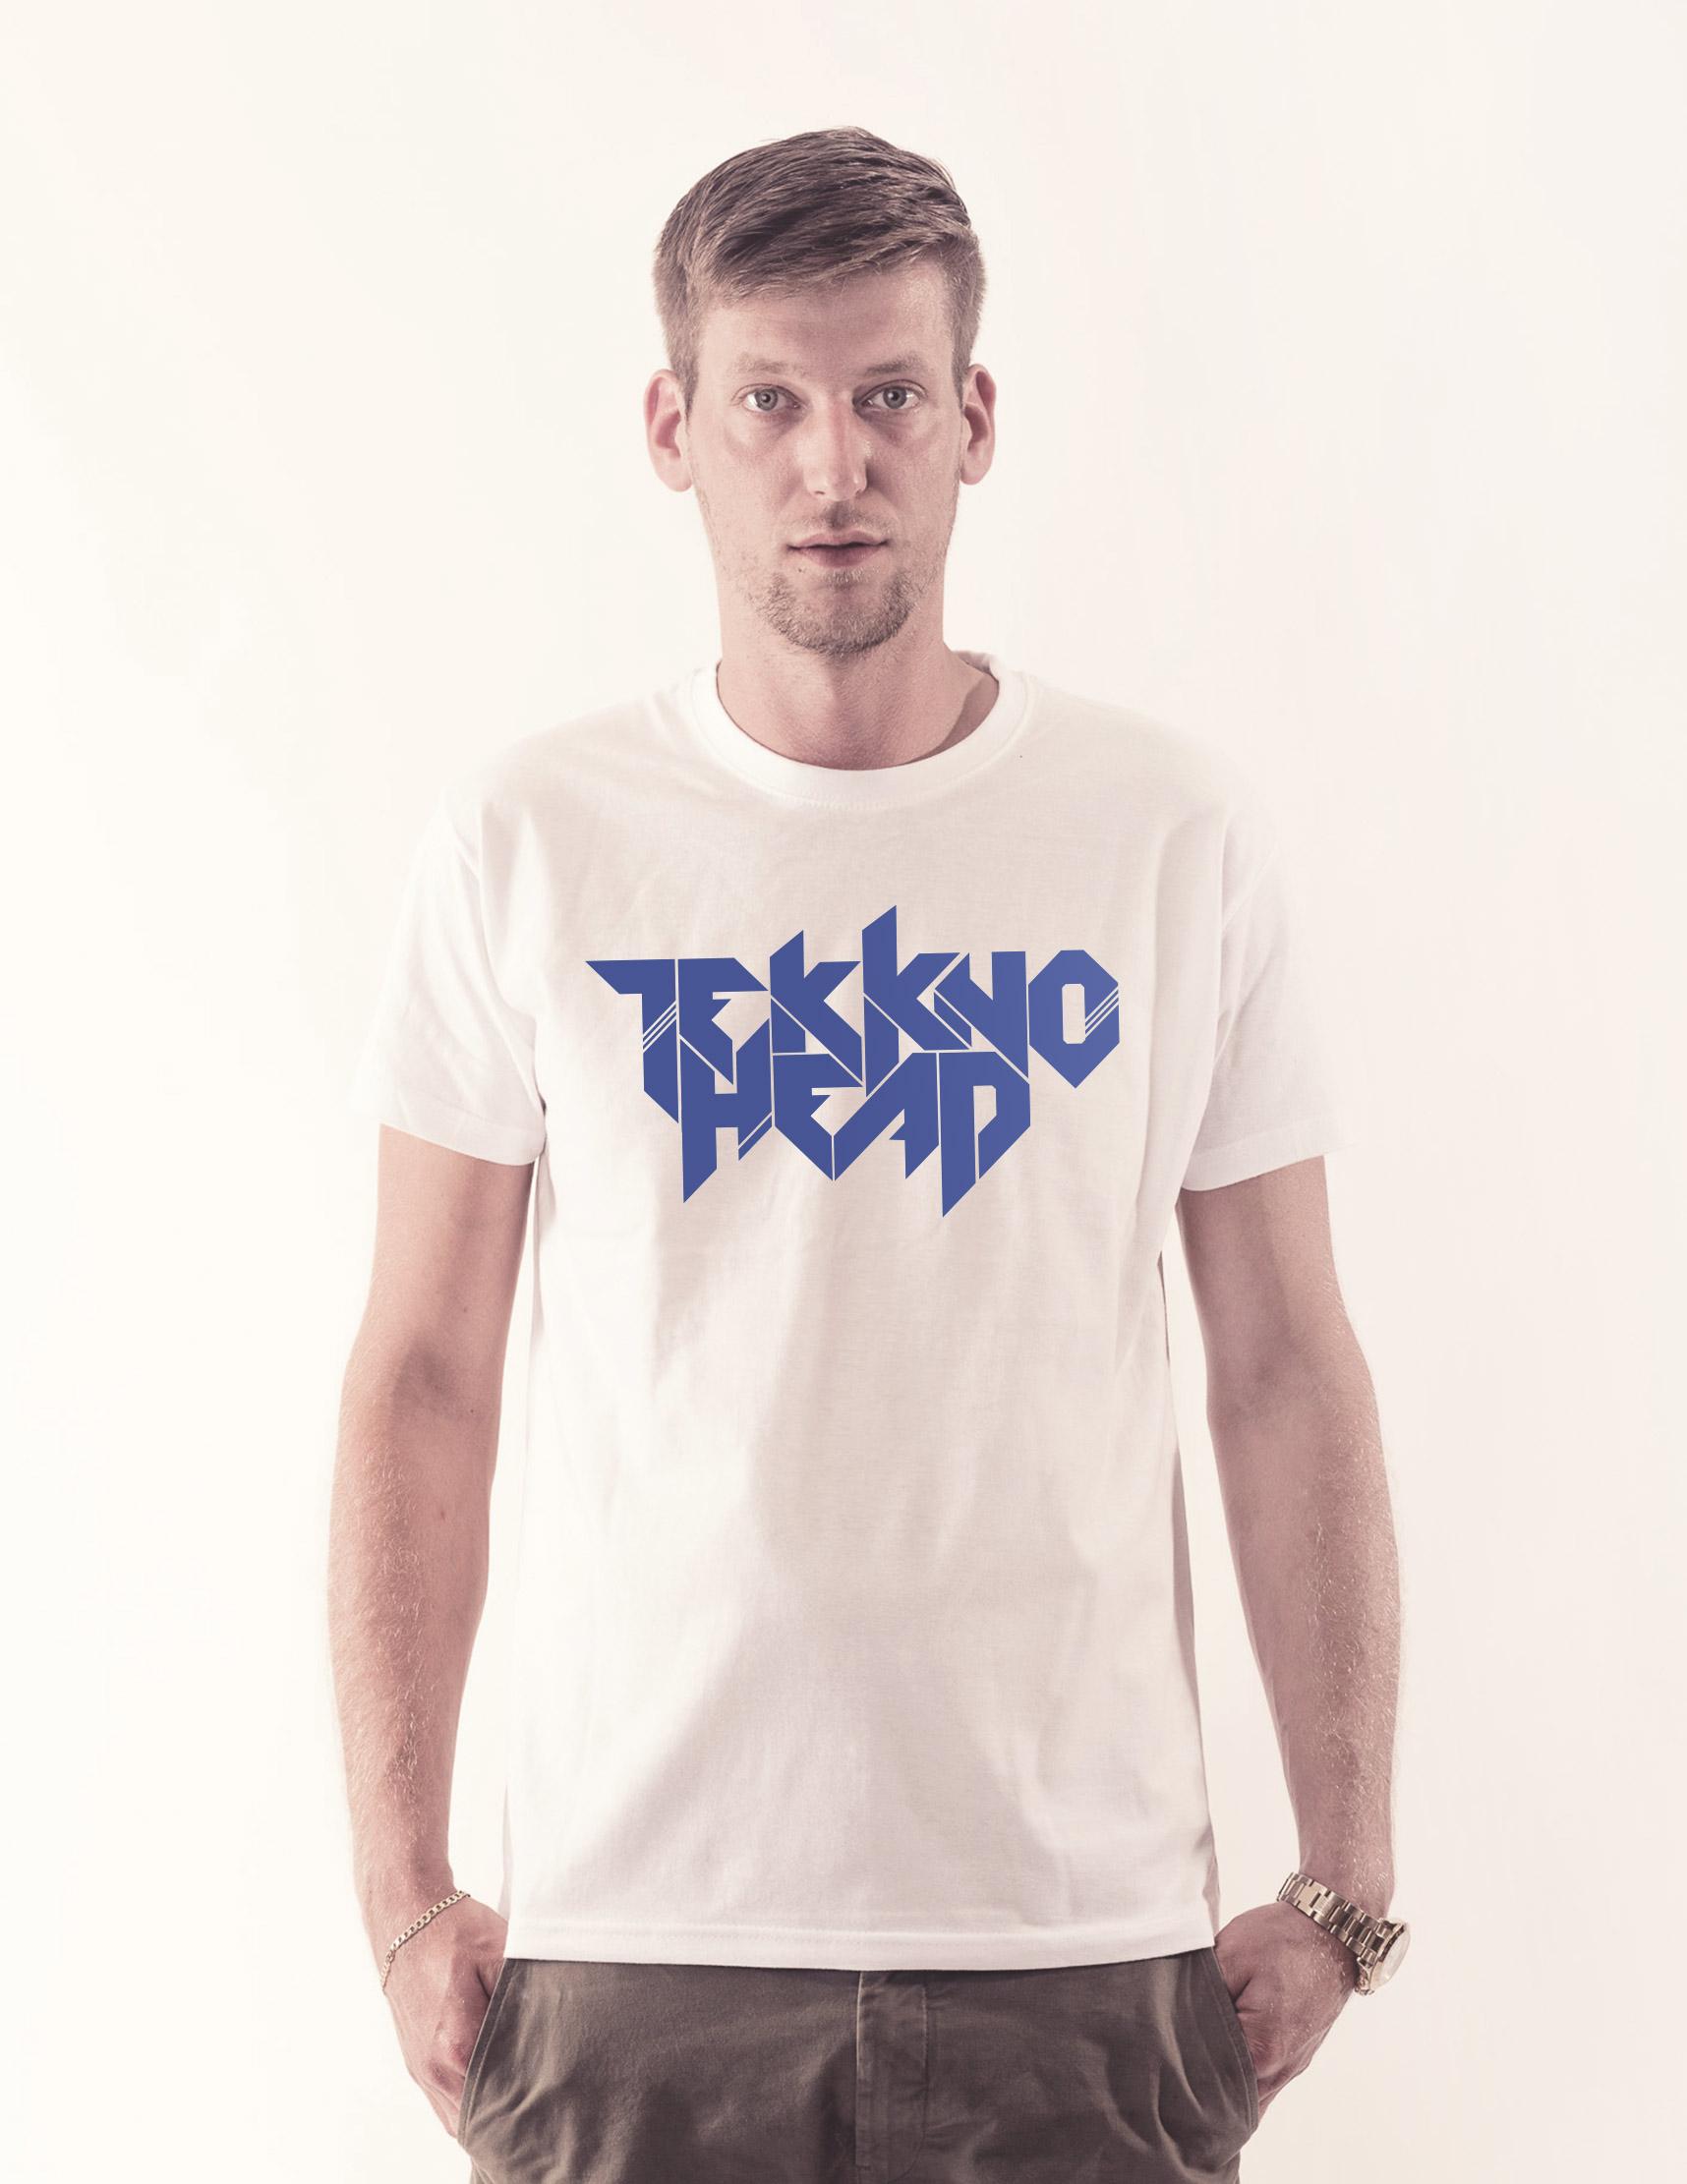 TEKKNOHEAD Shirt neonblau auf weiß